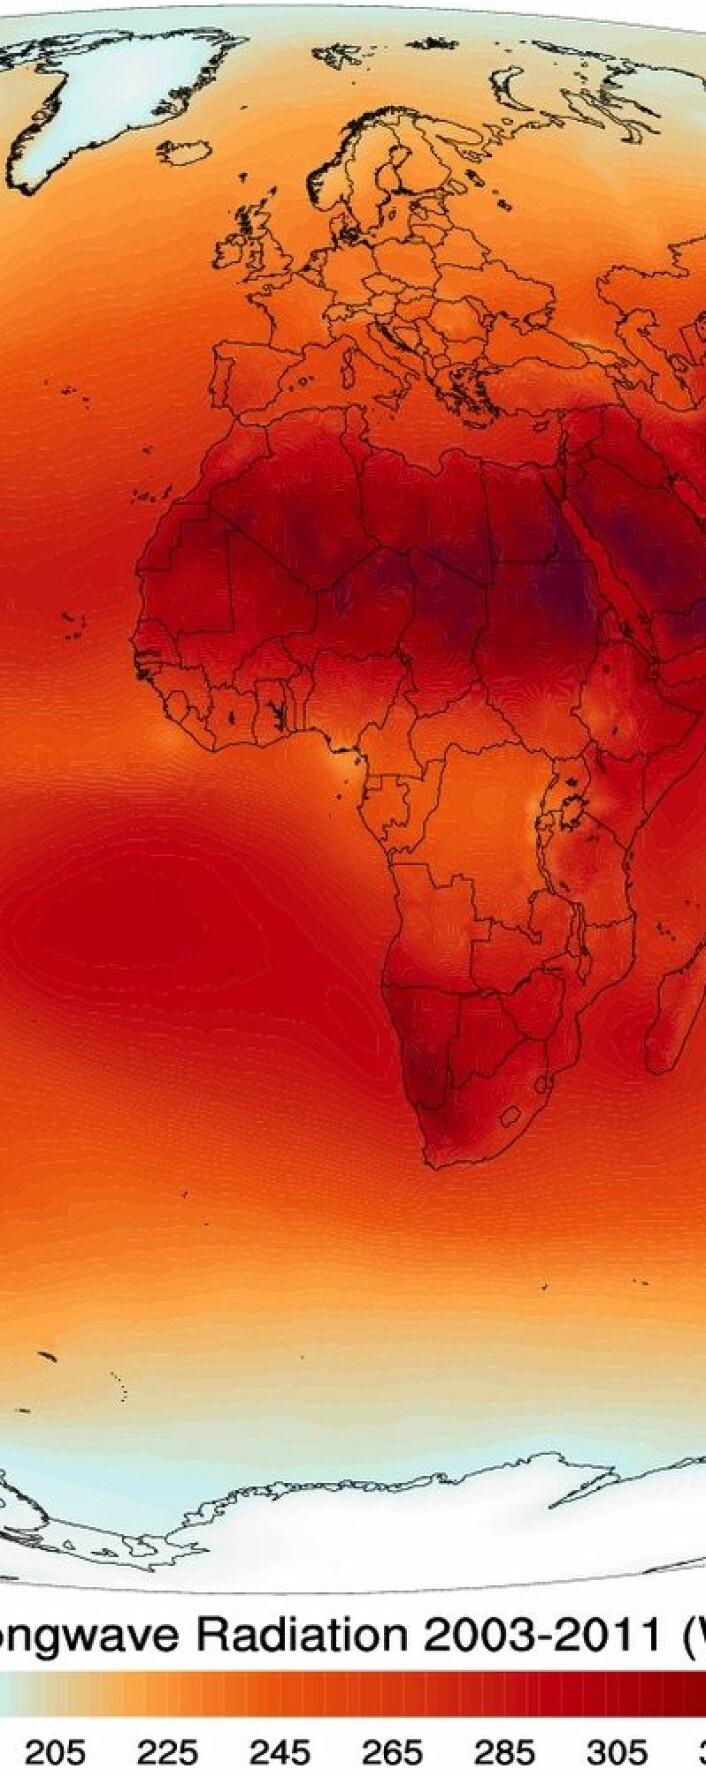 Jordklodens varmeutstråling midlet over perioden 2003-2011. Målt med AIRS-instrumentet på satellitten Aqua. (Foto: (NASA / Wikimedia Commons))